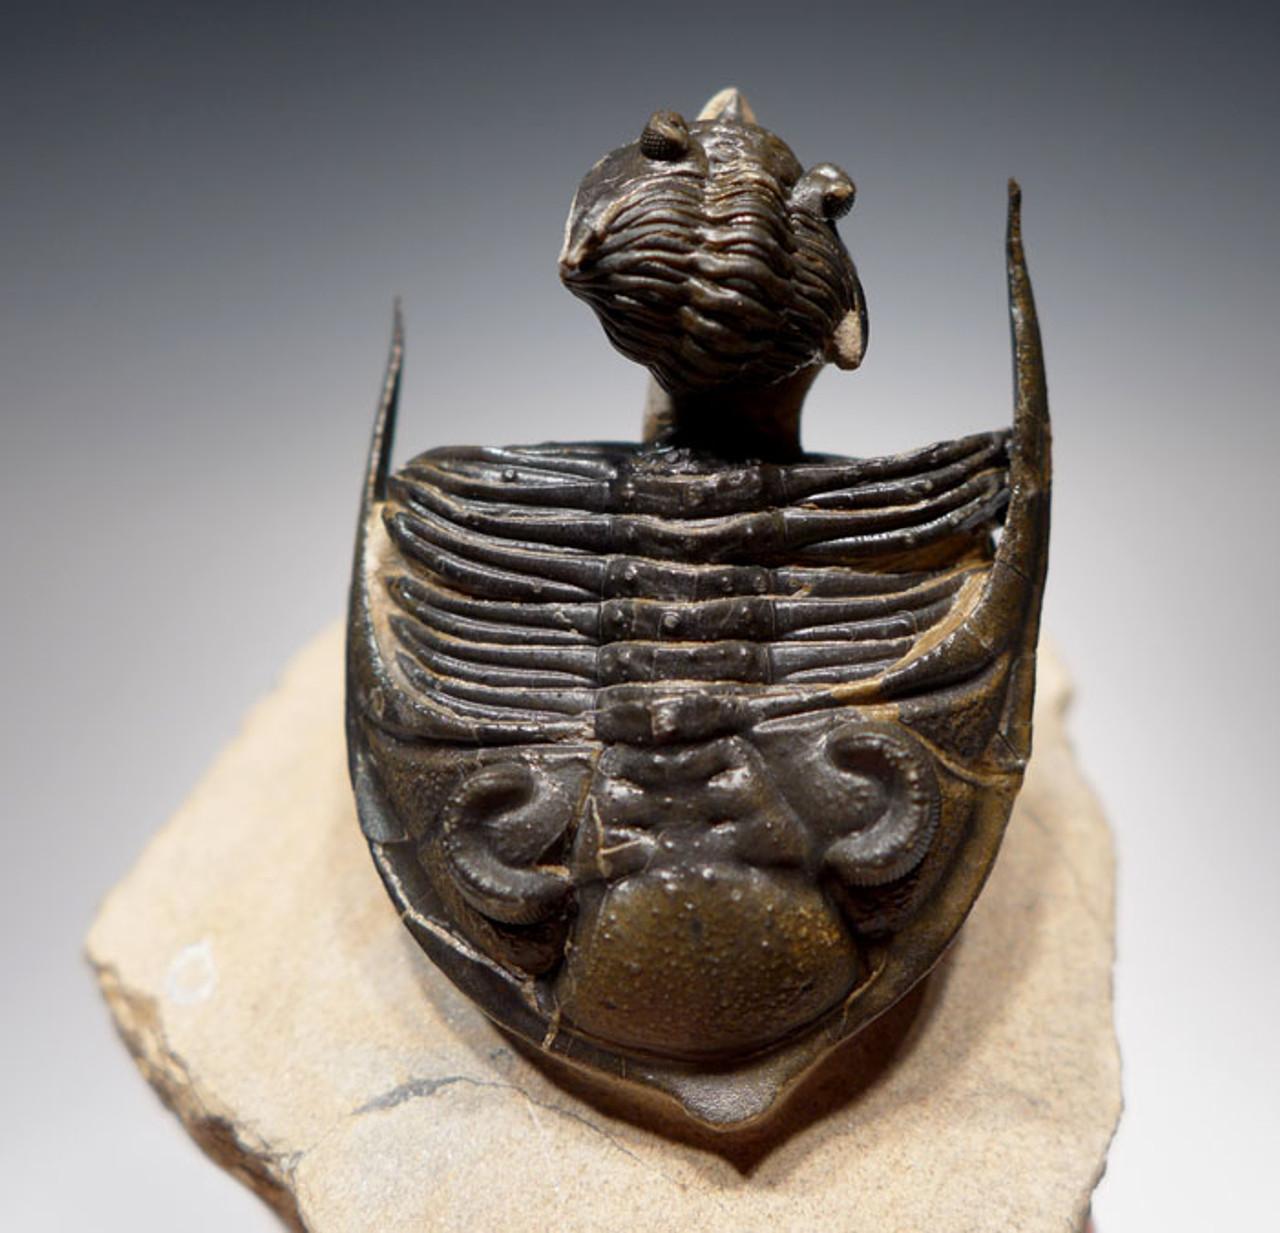 TRILOBITE BUDDIES ZILCHOVASPIS TRILOBITE WITH CRYPHINA TRILOBITE FOUND TOGETHER *TRX284